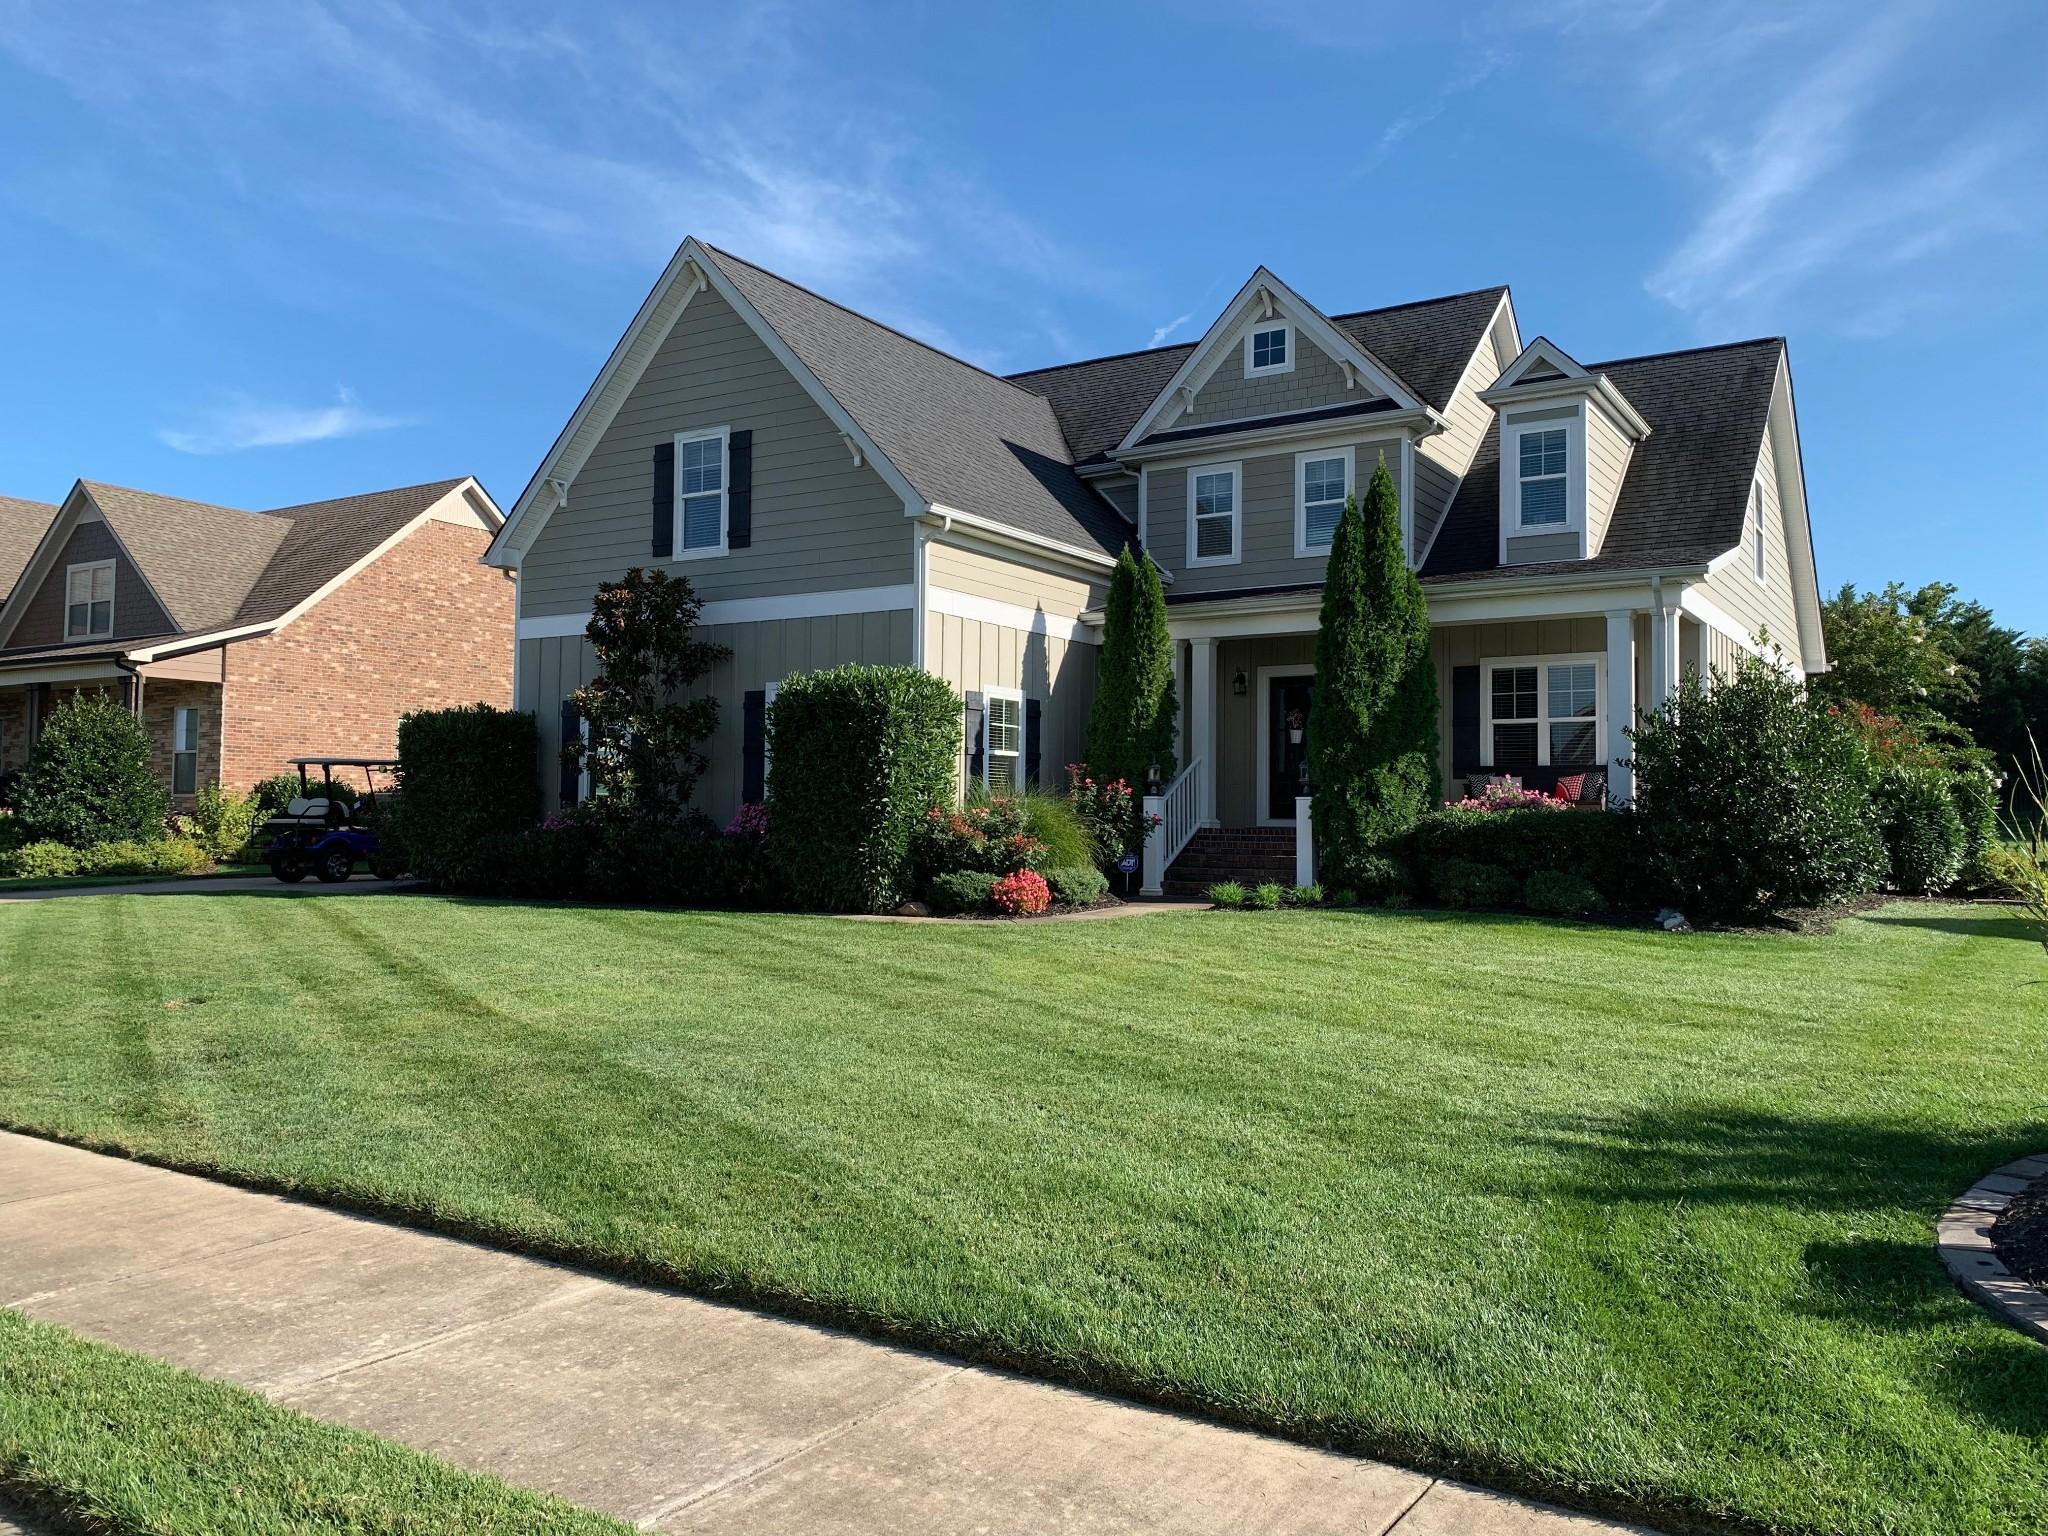 4211 Pretoria Run, Murfreesboro, TN 37128 - Murfreesboro, TN real estate listing